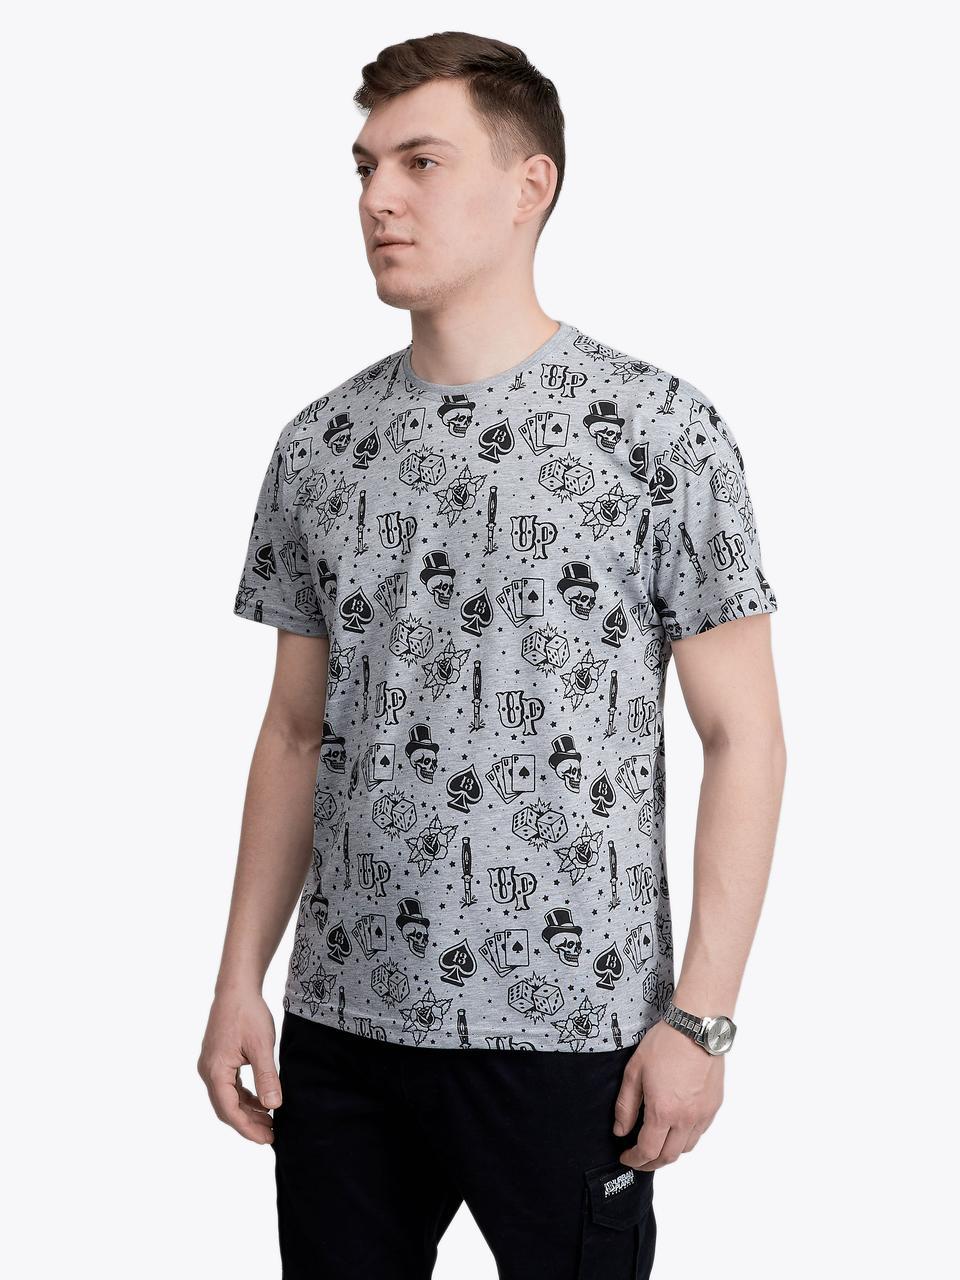 31fa7c930bf6 Футболка мужская летняя TRADIT MEL Urban Planet (футболки, чоловіча  футболка, одежда мужская,